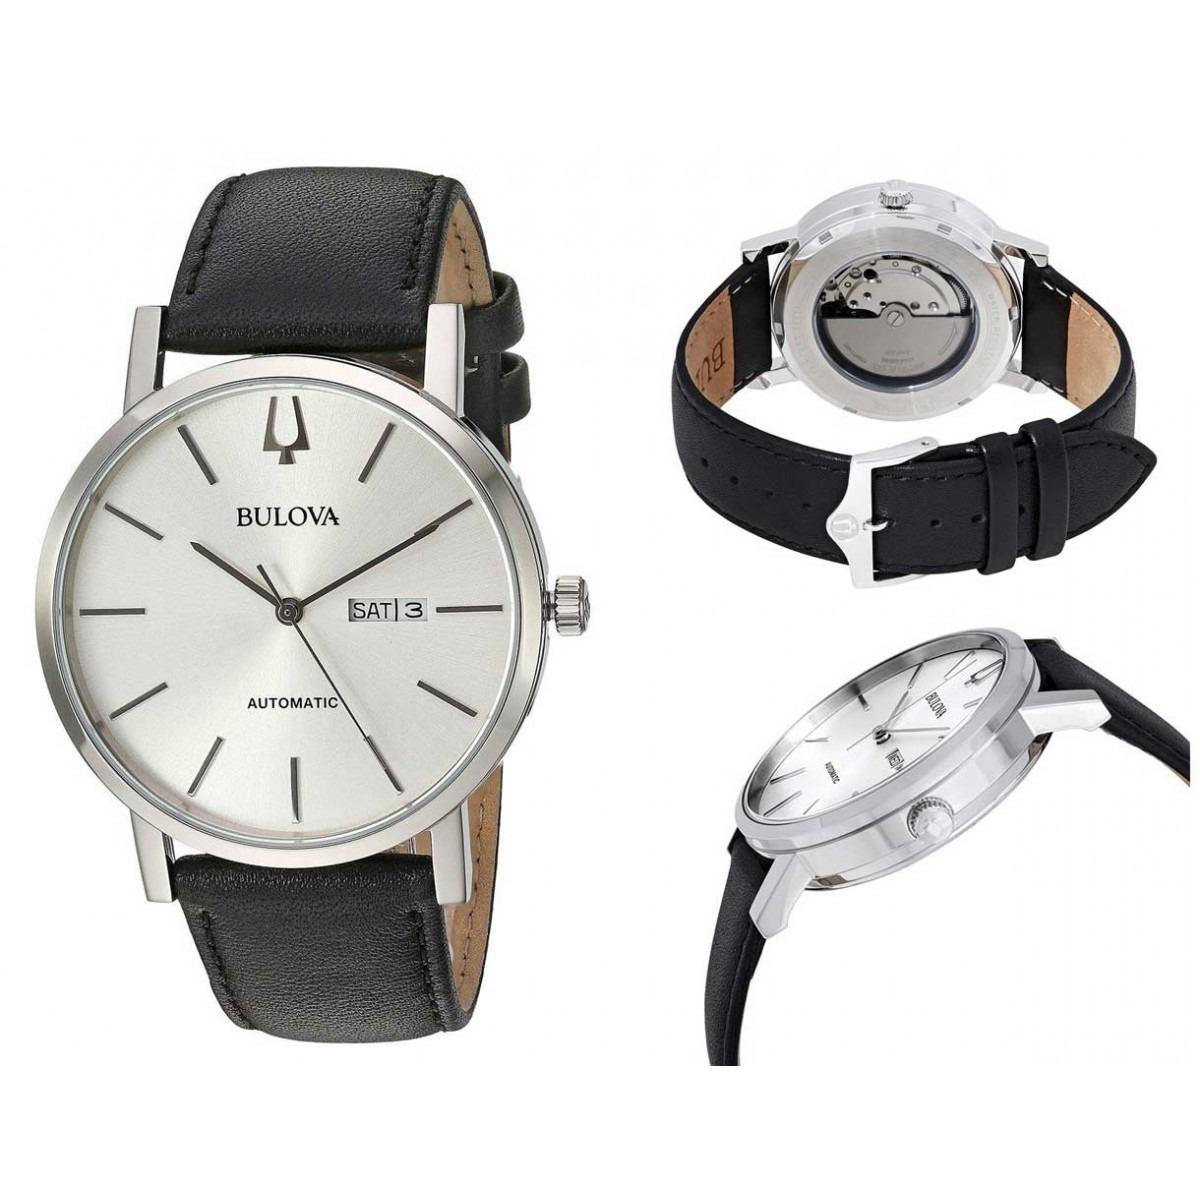 e6ed98b62 Relógio Bulova Automatic Classic Men's - 96c130 - R$ 1.565,78 em ...